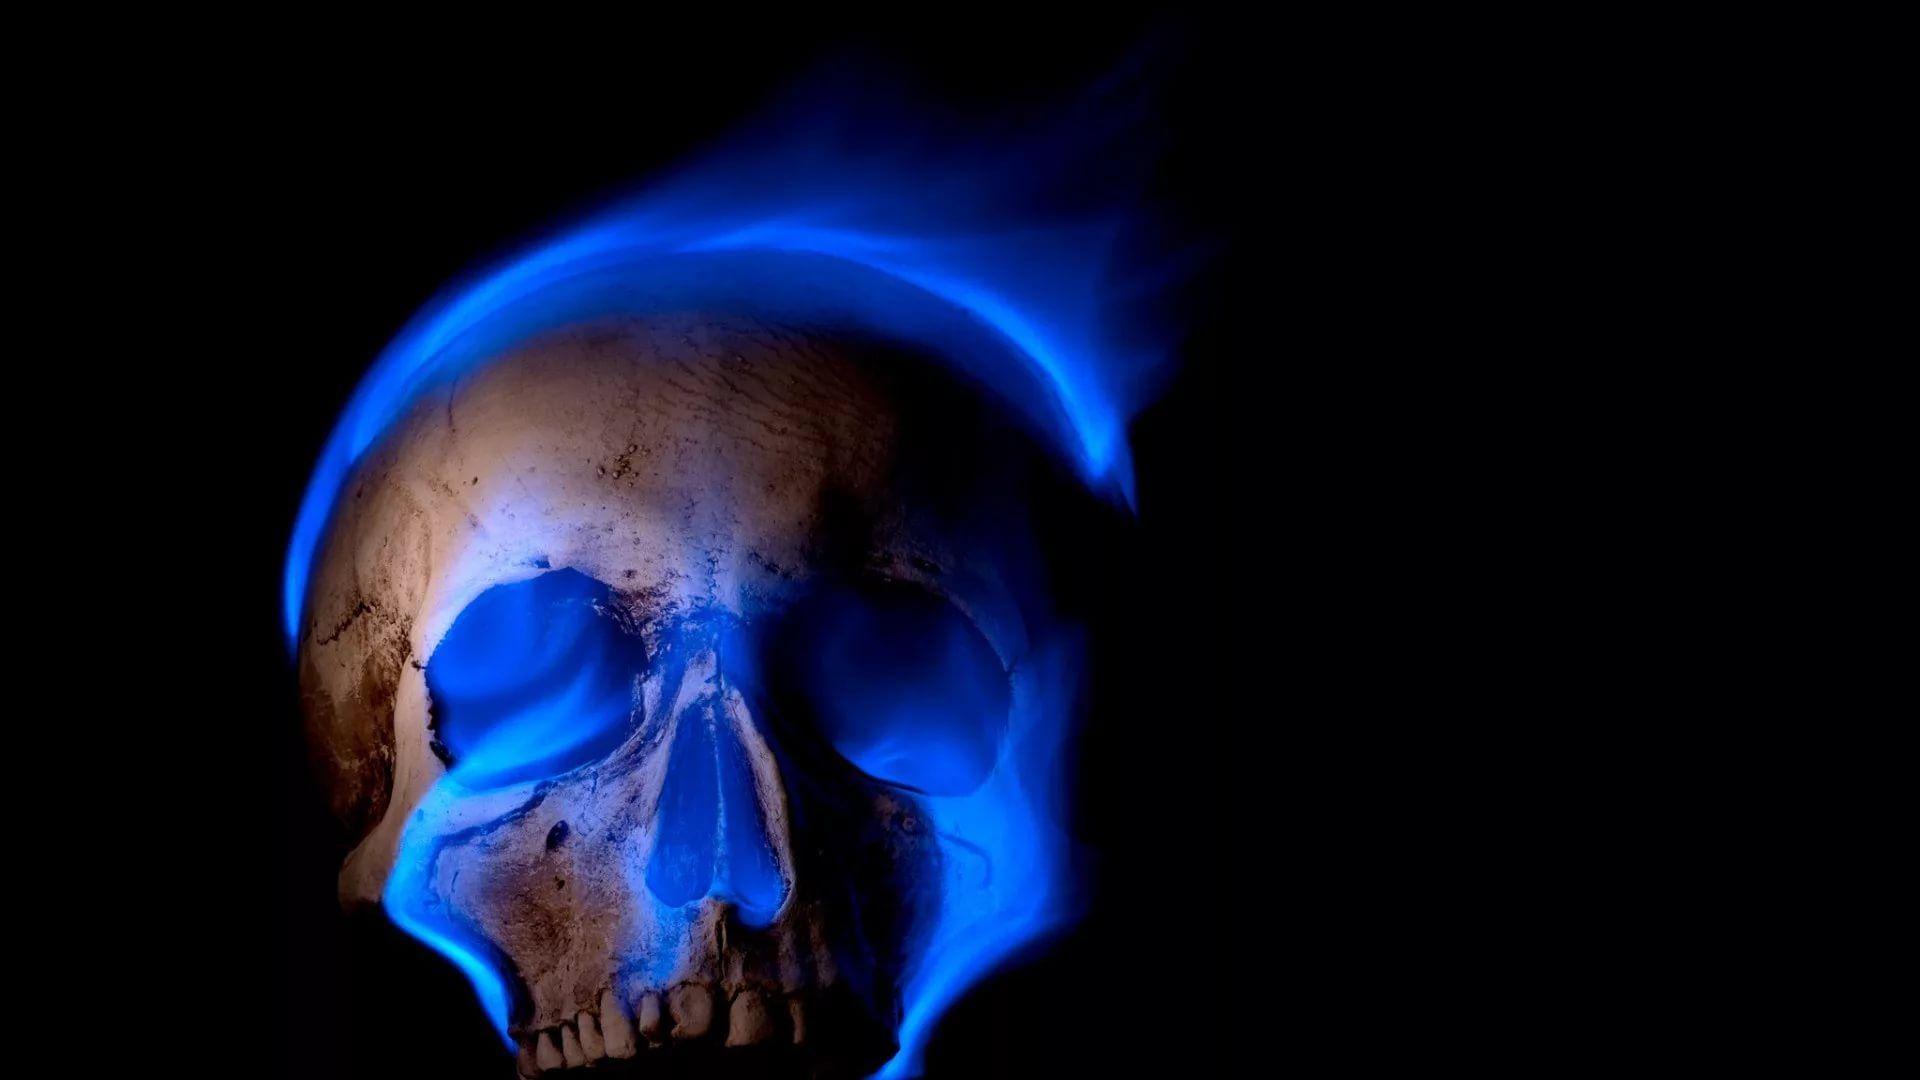 Flaming Skull Good Wallpaper